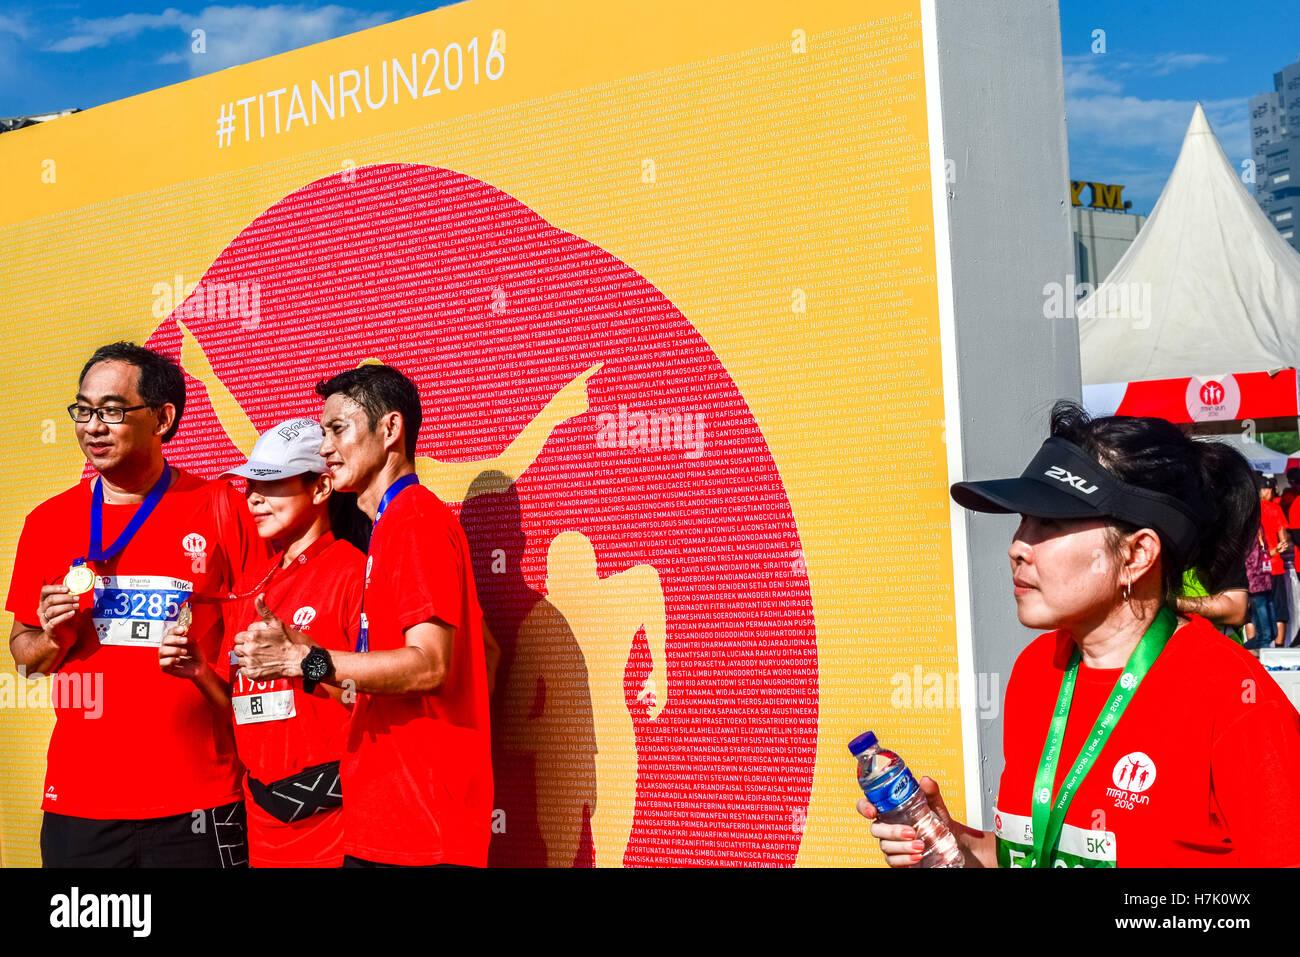 Séance photo avec finition ayant toile podium après une course intitulée Titan courir à Tangerang, Photo Stock